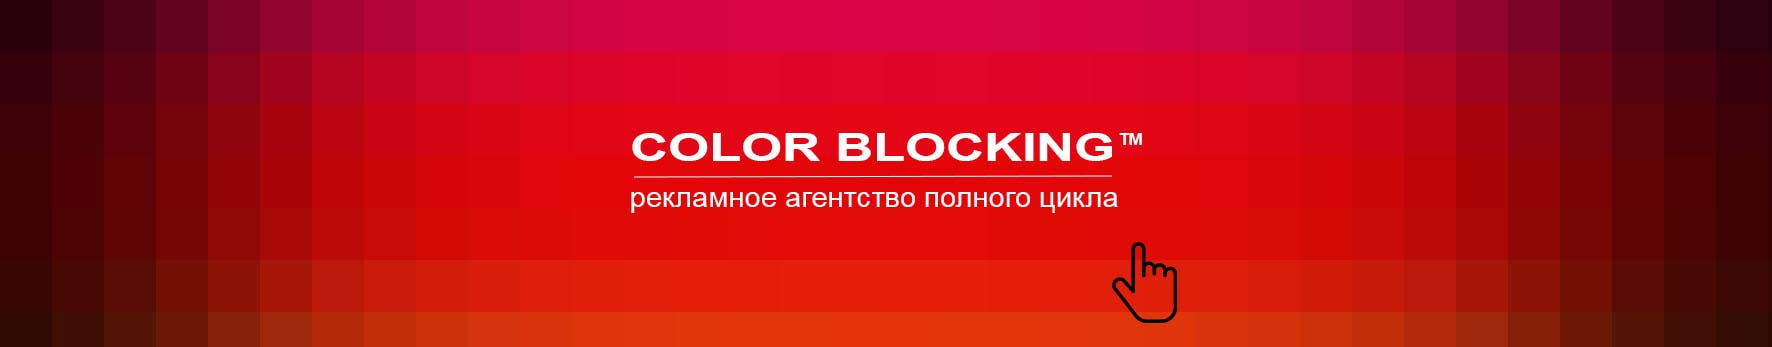 Реклама на телеканале Дагестан рекламное агентство